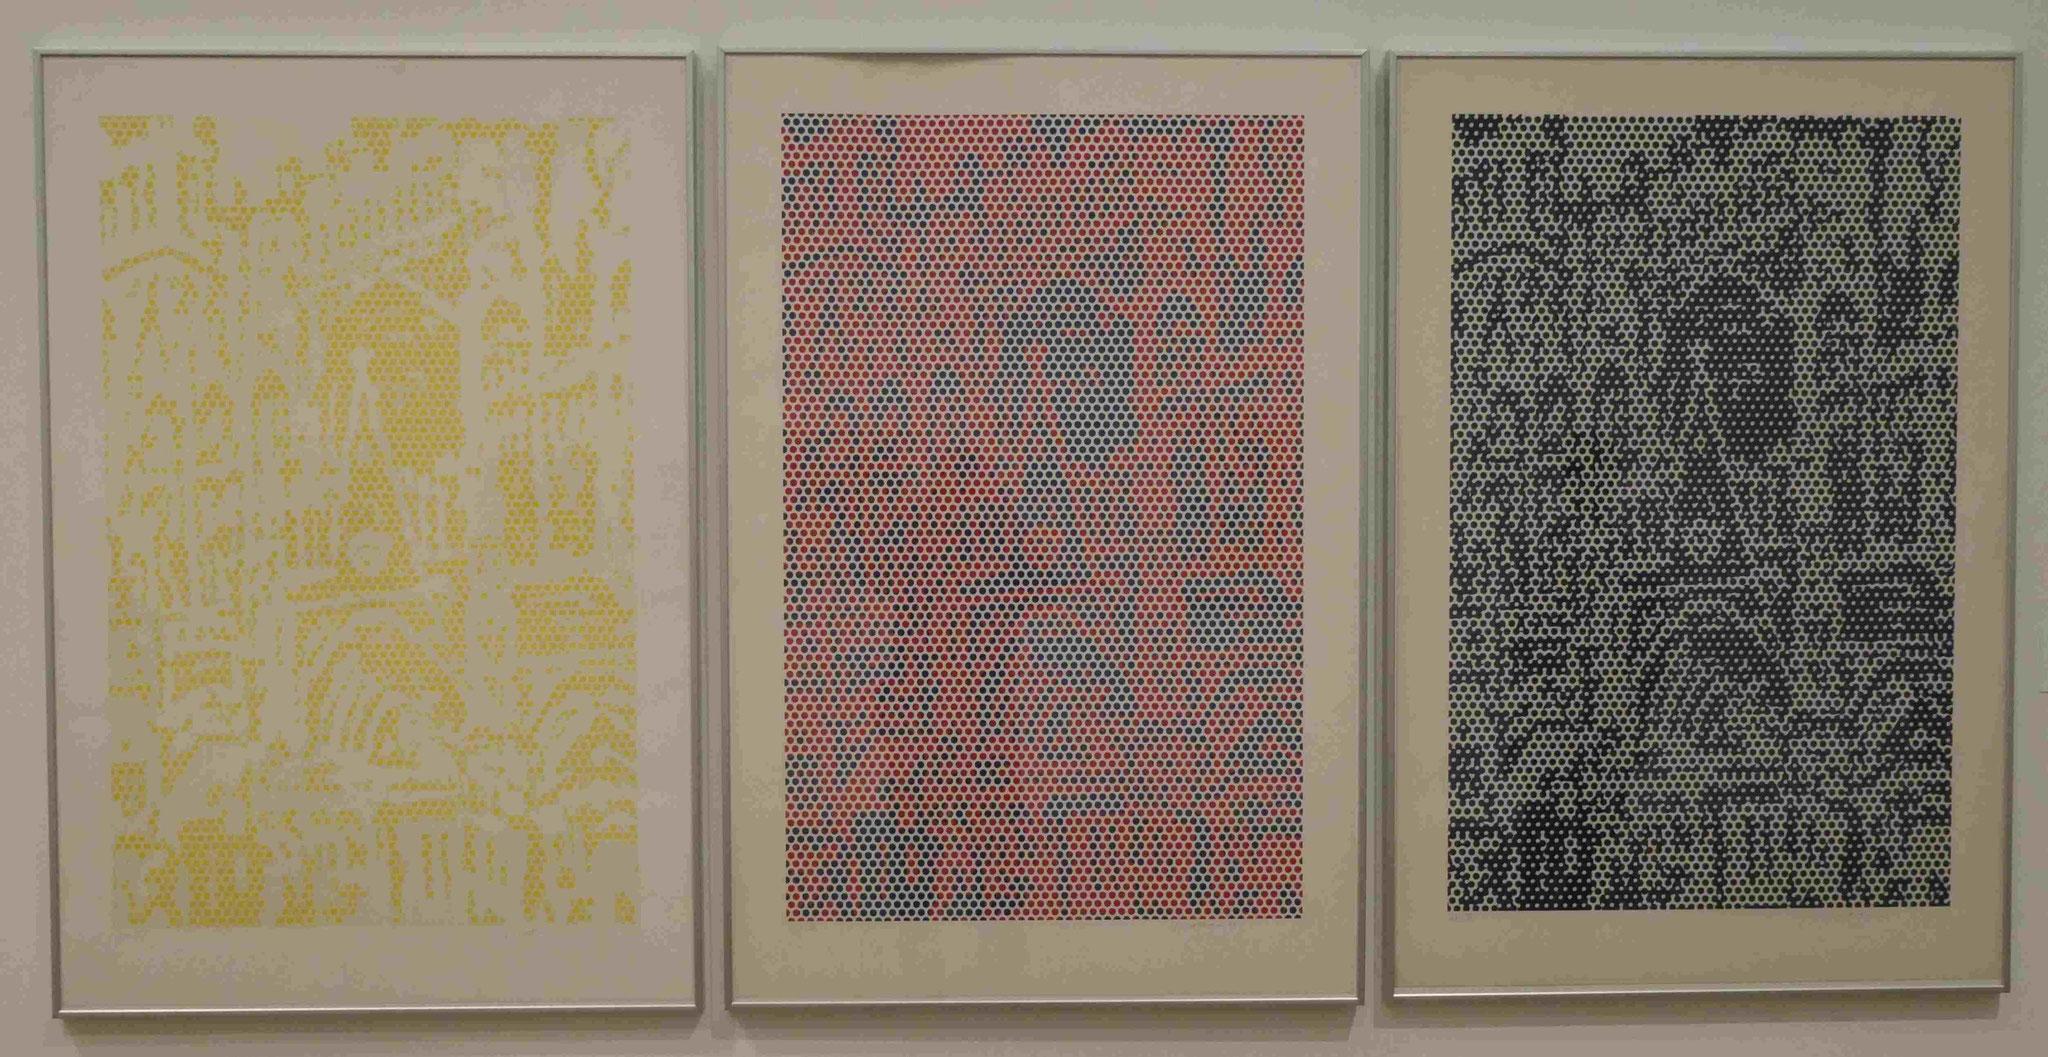 Roy Lichtenstein, Cathedral #1,#2,#3, Lithographie und Siebdruck, 1969, Nationalgalerie Berlin